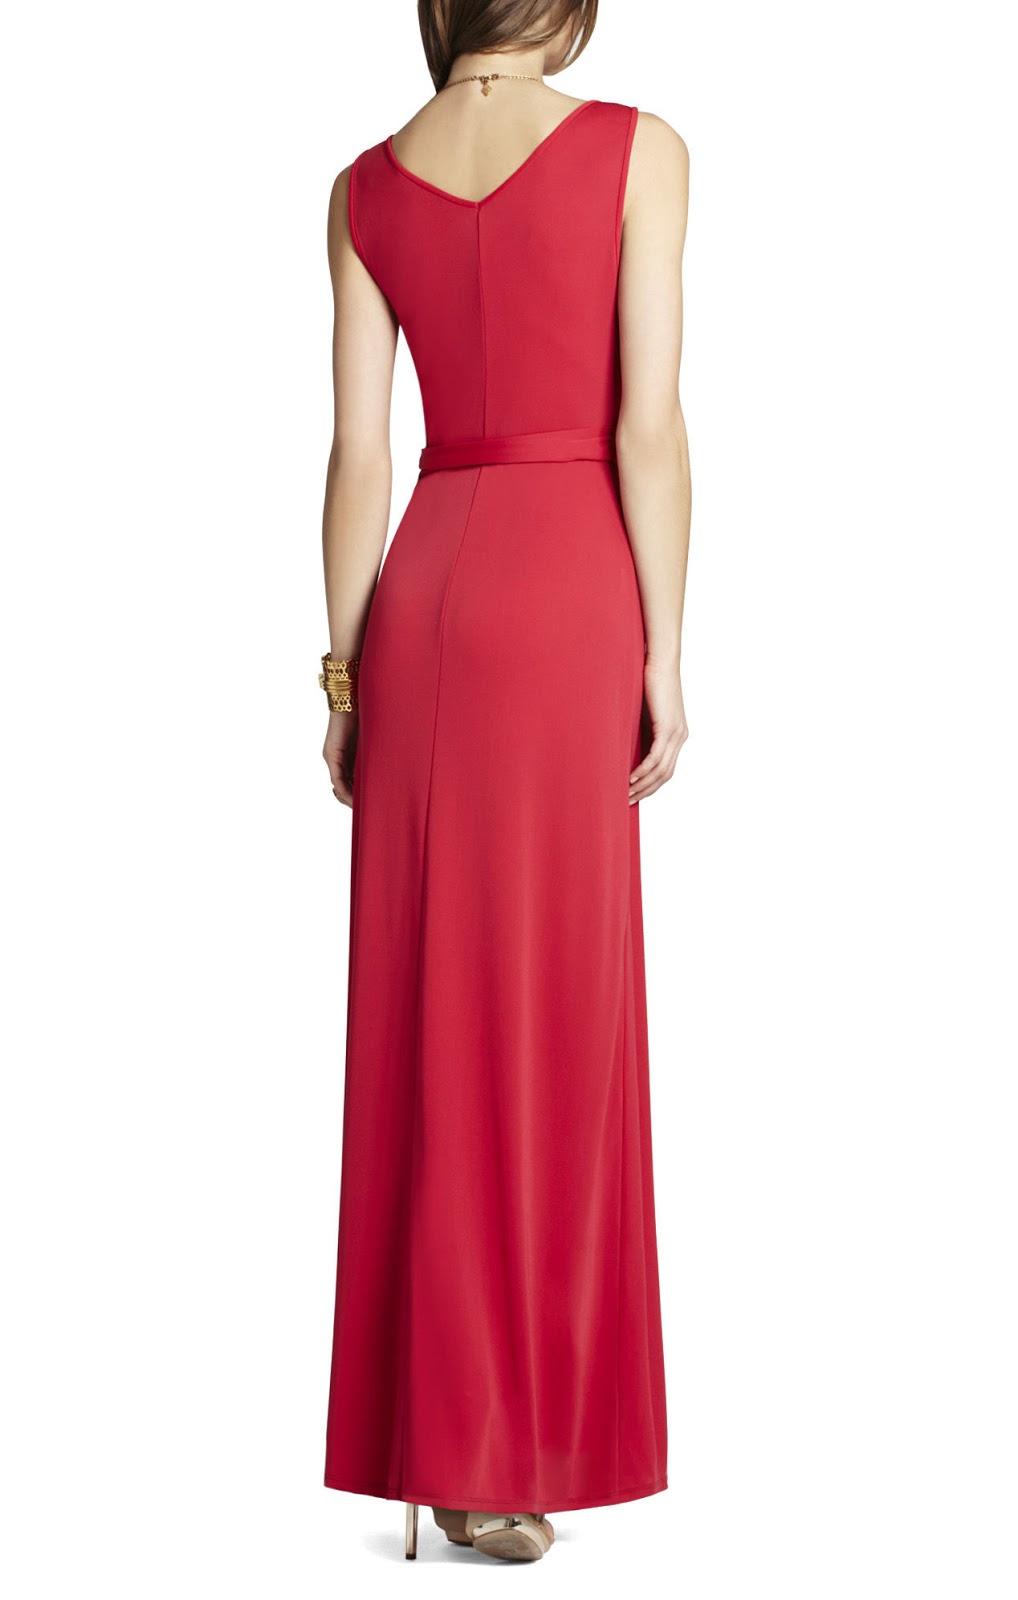 BCBG MAX AZRIA Dresses: Elegant BCBG Sexy Pageant Dresses 2016